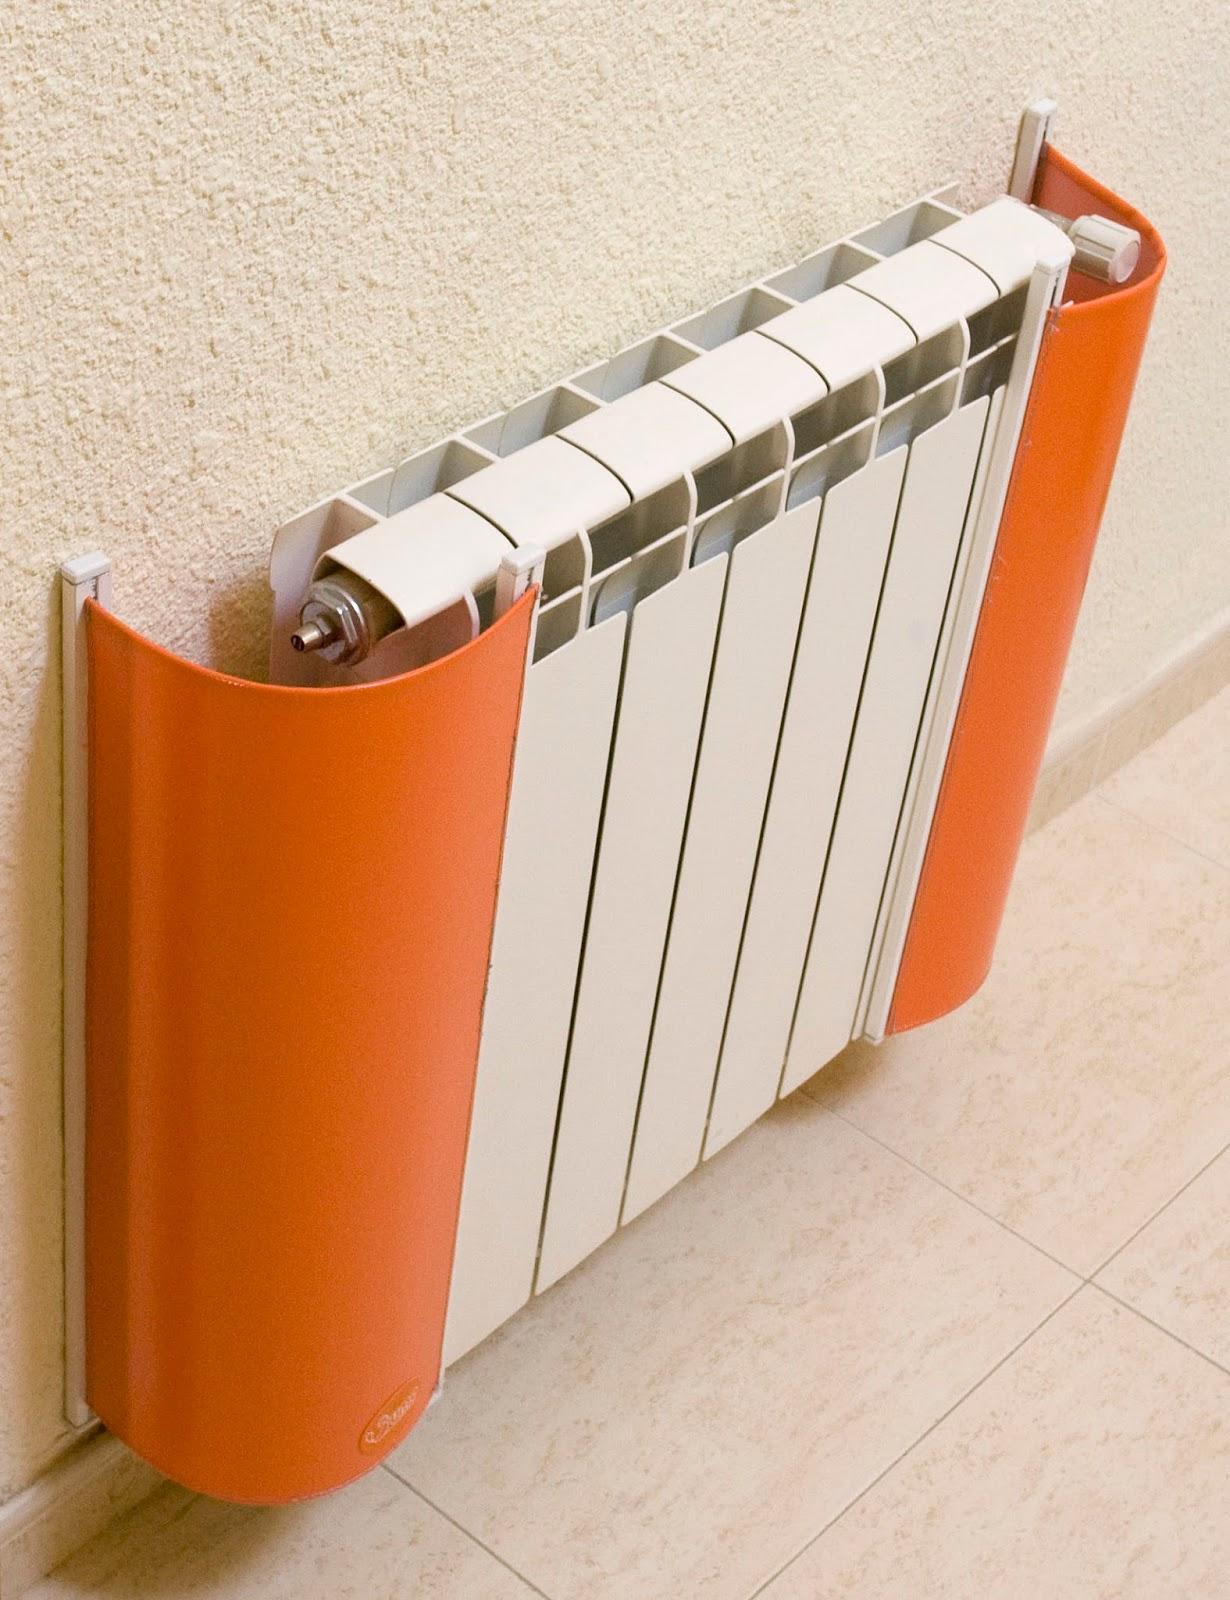 Radiadores y toalleros calderas valencia presupuesto for Radiadores toalleros roca